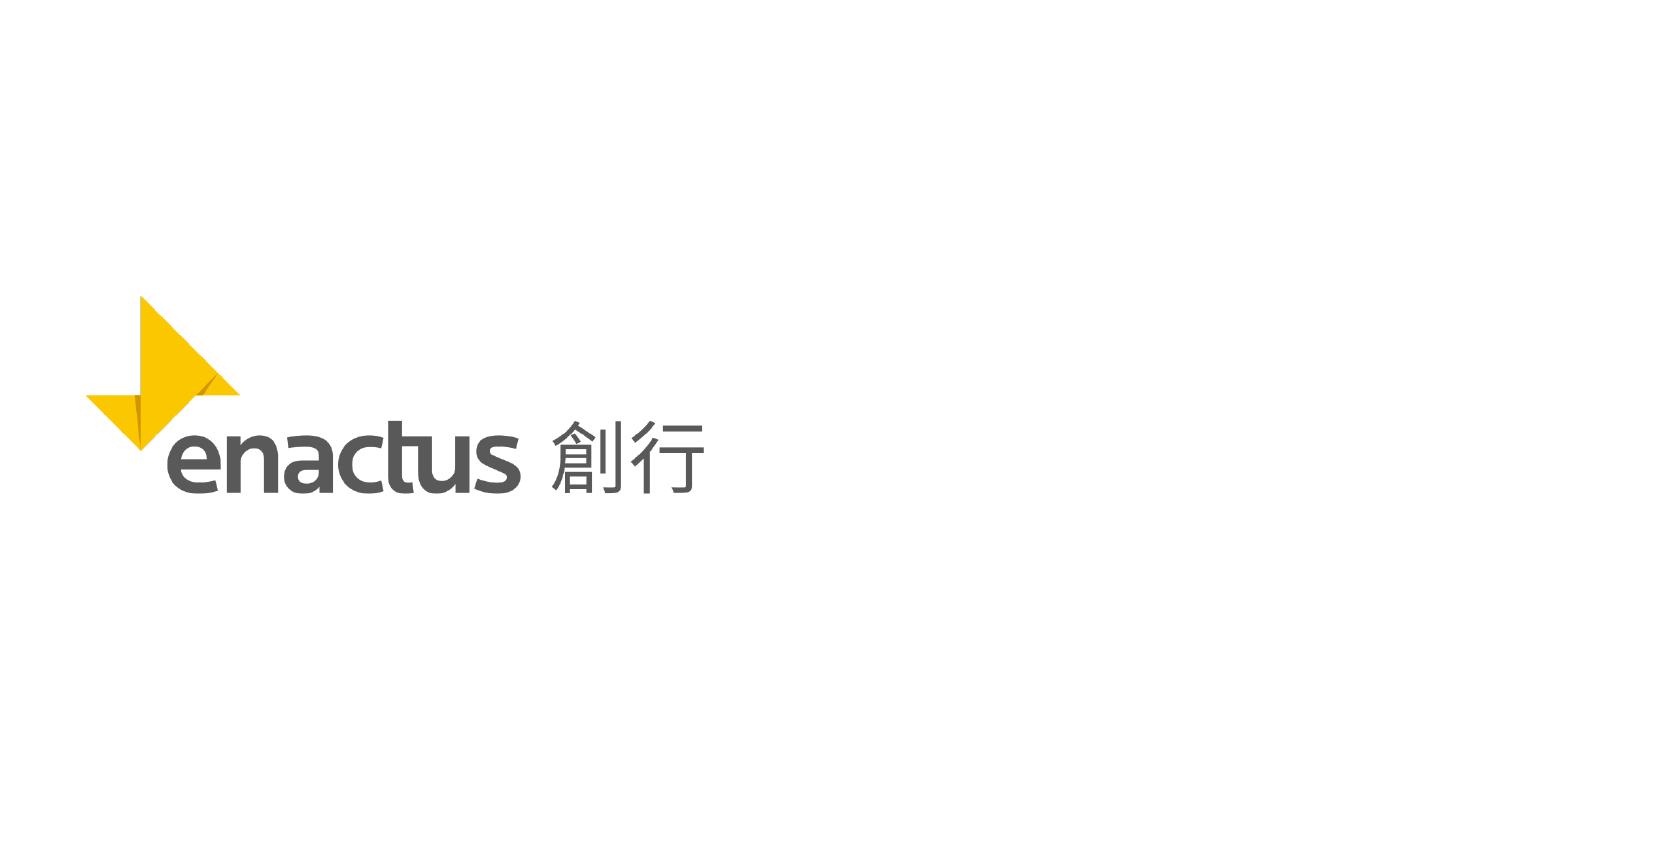 Image of Enactus